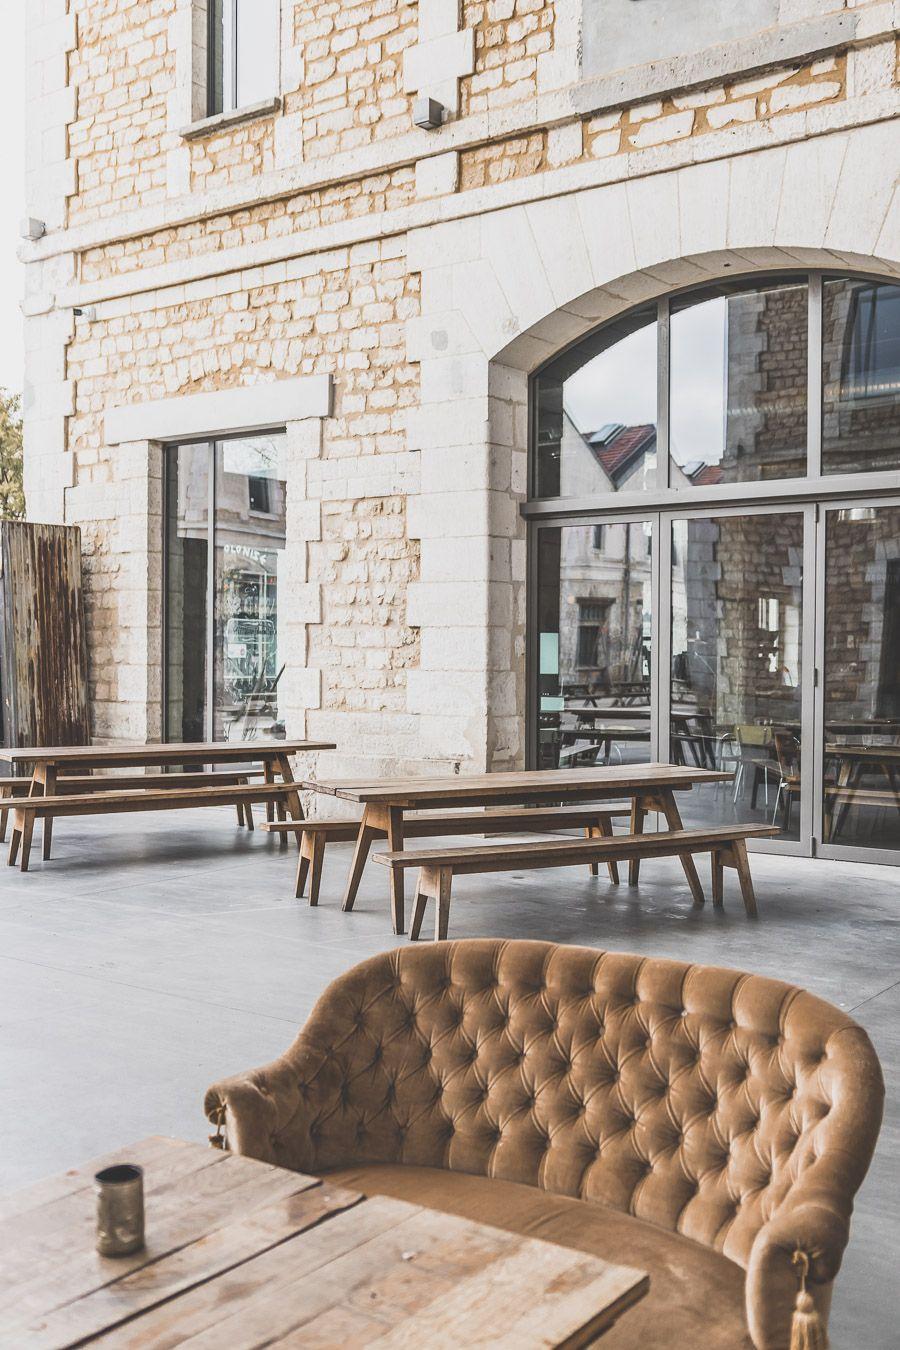 Visiter Bordeaux En 2020 Visite De Bordeaux Que Faire A Bordeaux Tourisme En France